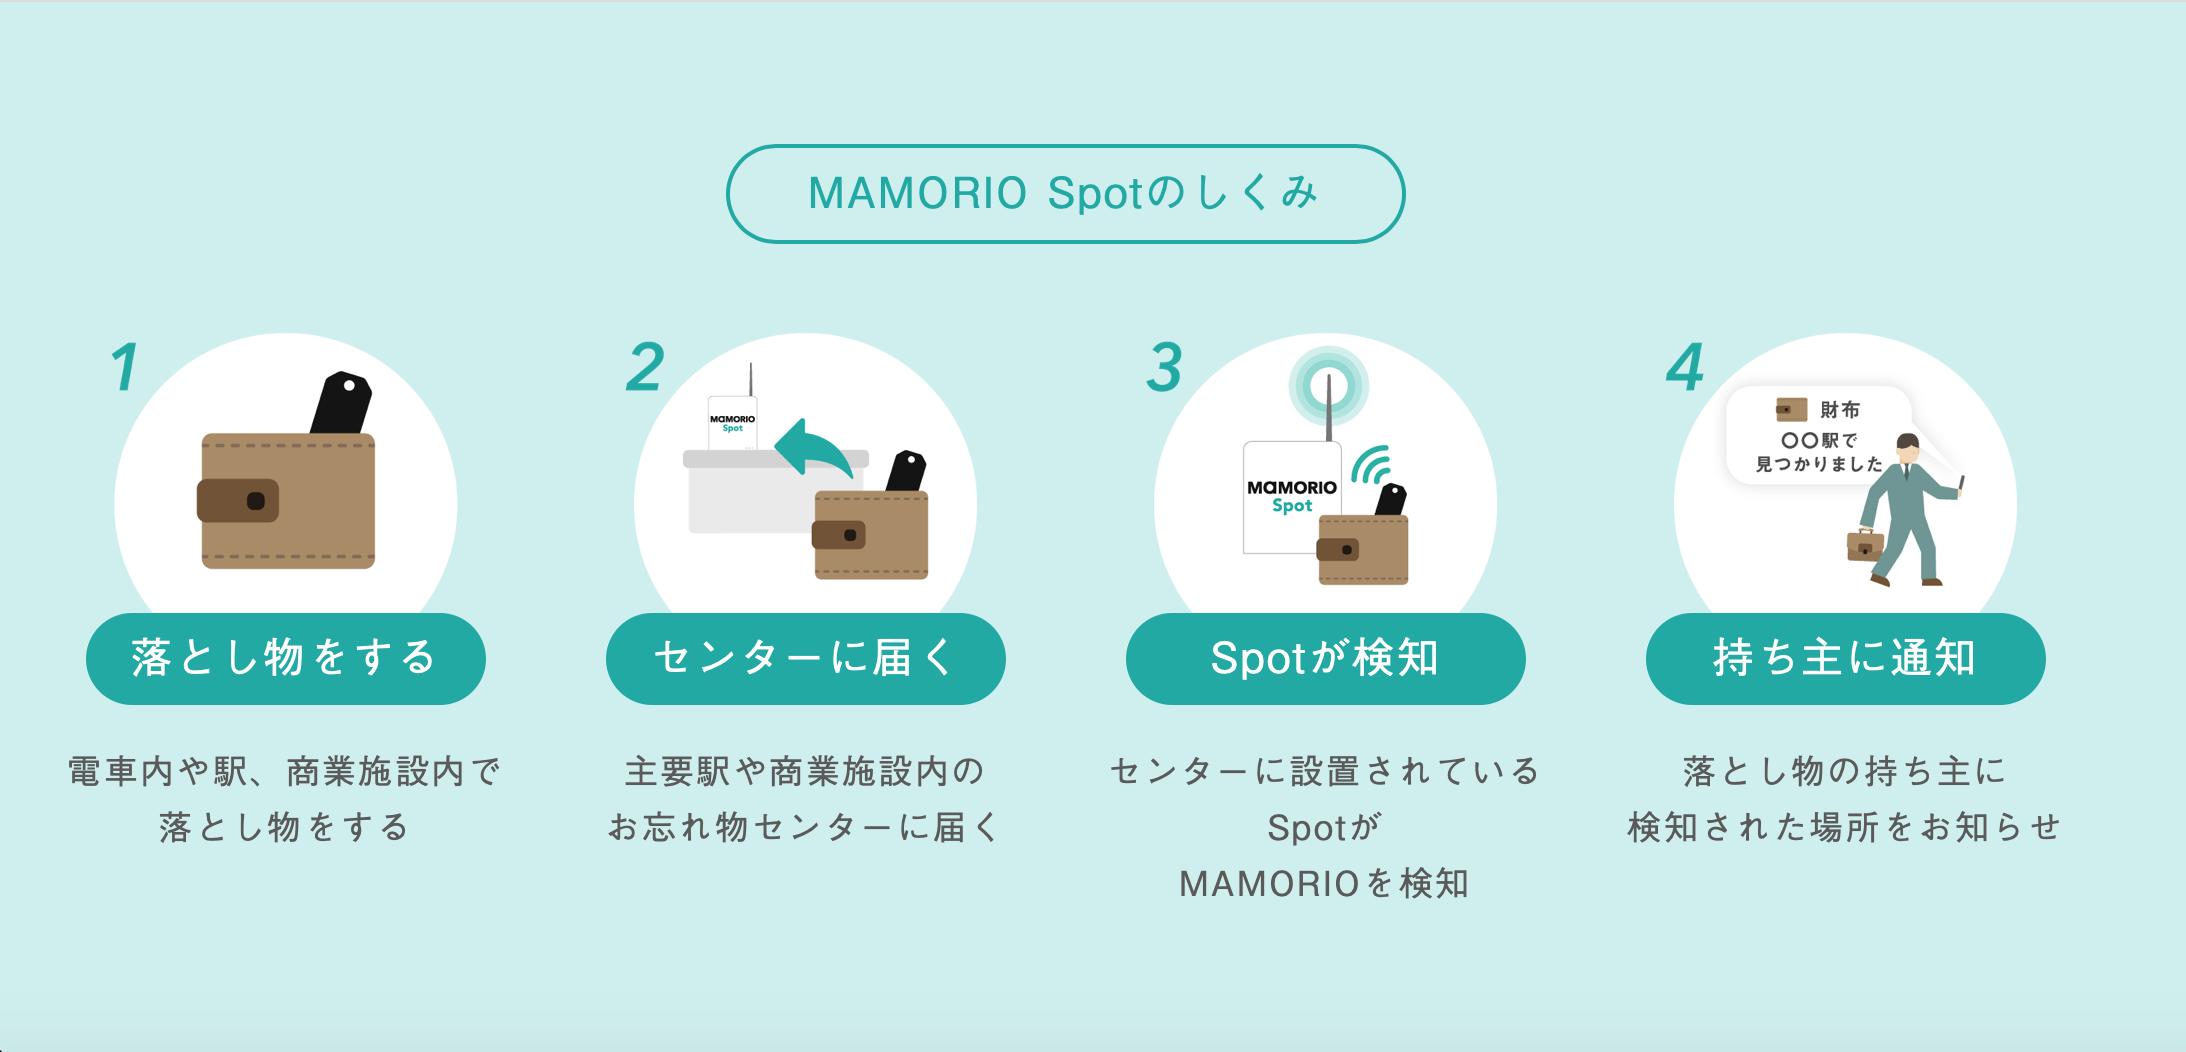 落とし物の管理に悩む事業者さまへ】「MAMORIO Spot」導入で、管理コスト削減と顧客満足向上の両立が可能です! | MAMORIOラボ